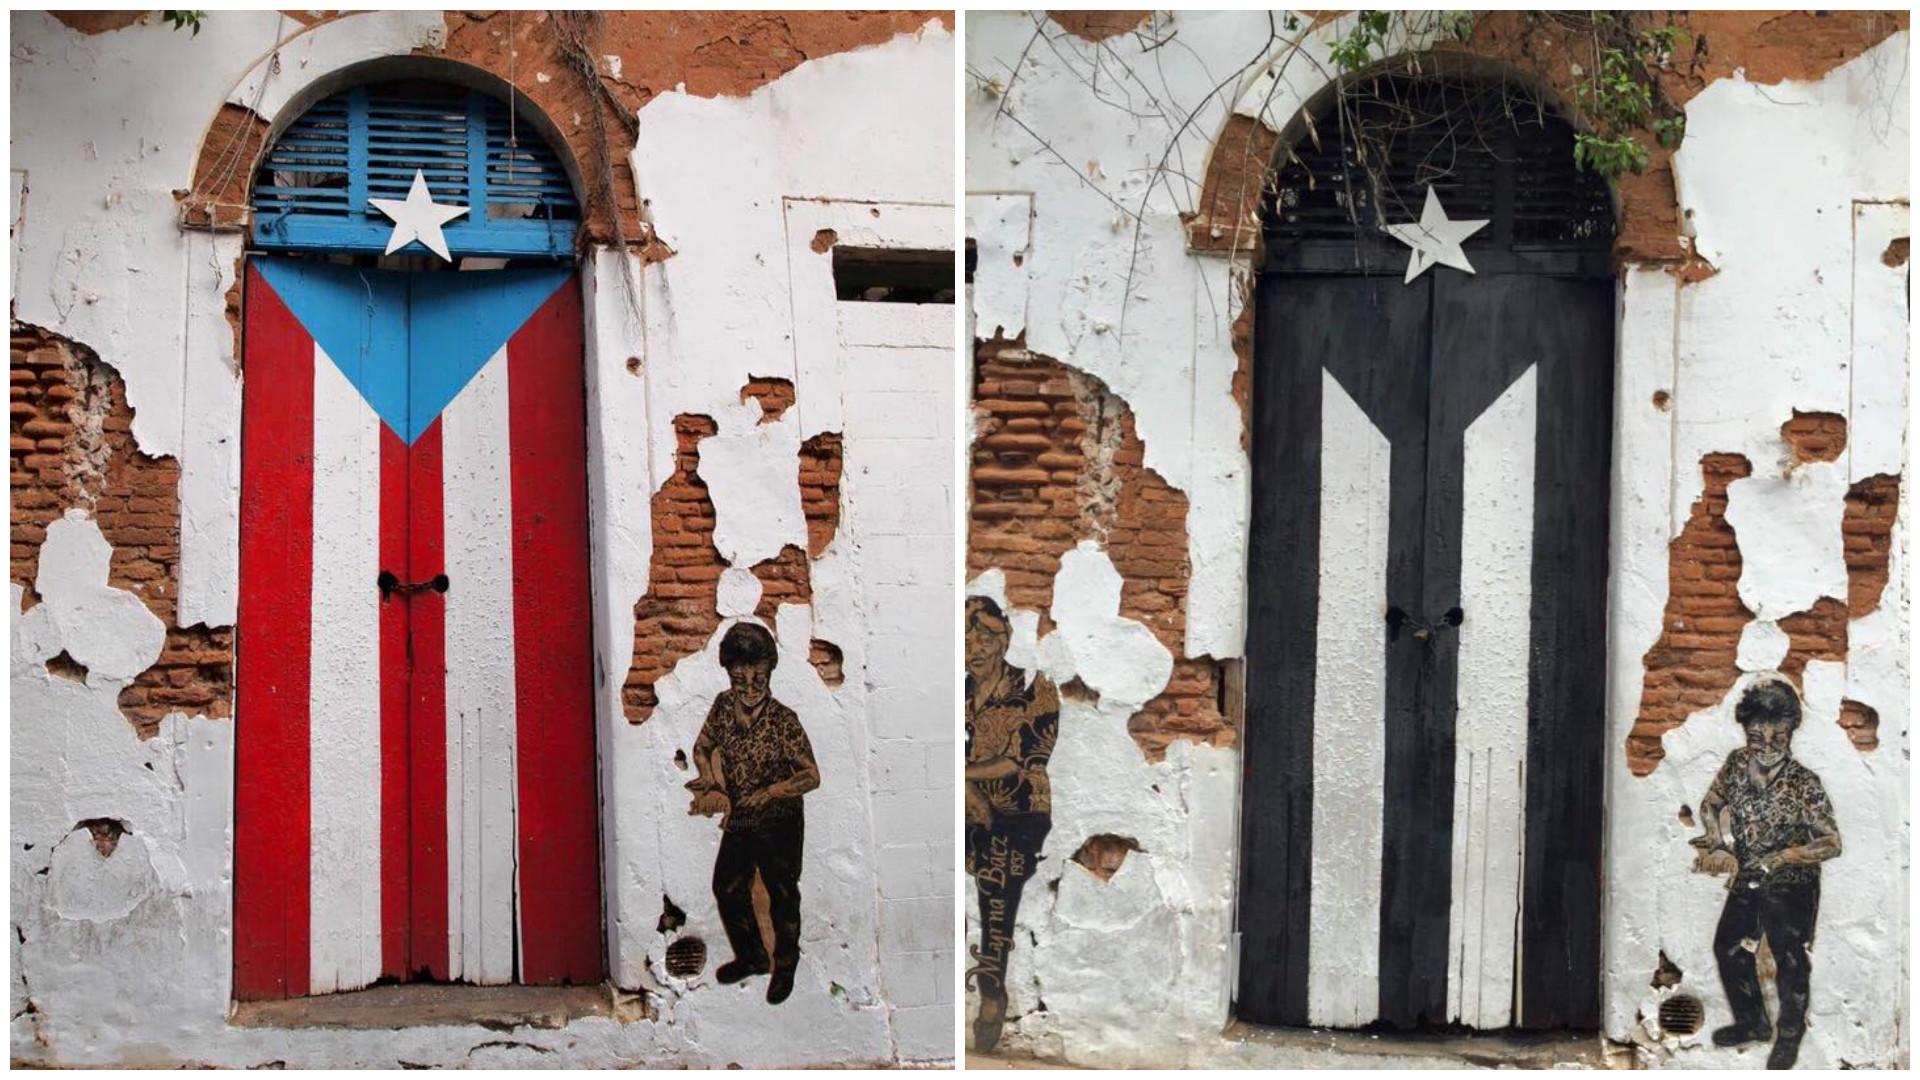 Por Que Pintaron De Negro Y Blanco La Famosa Puerta De La Bandera